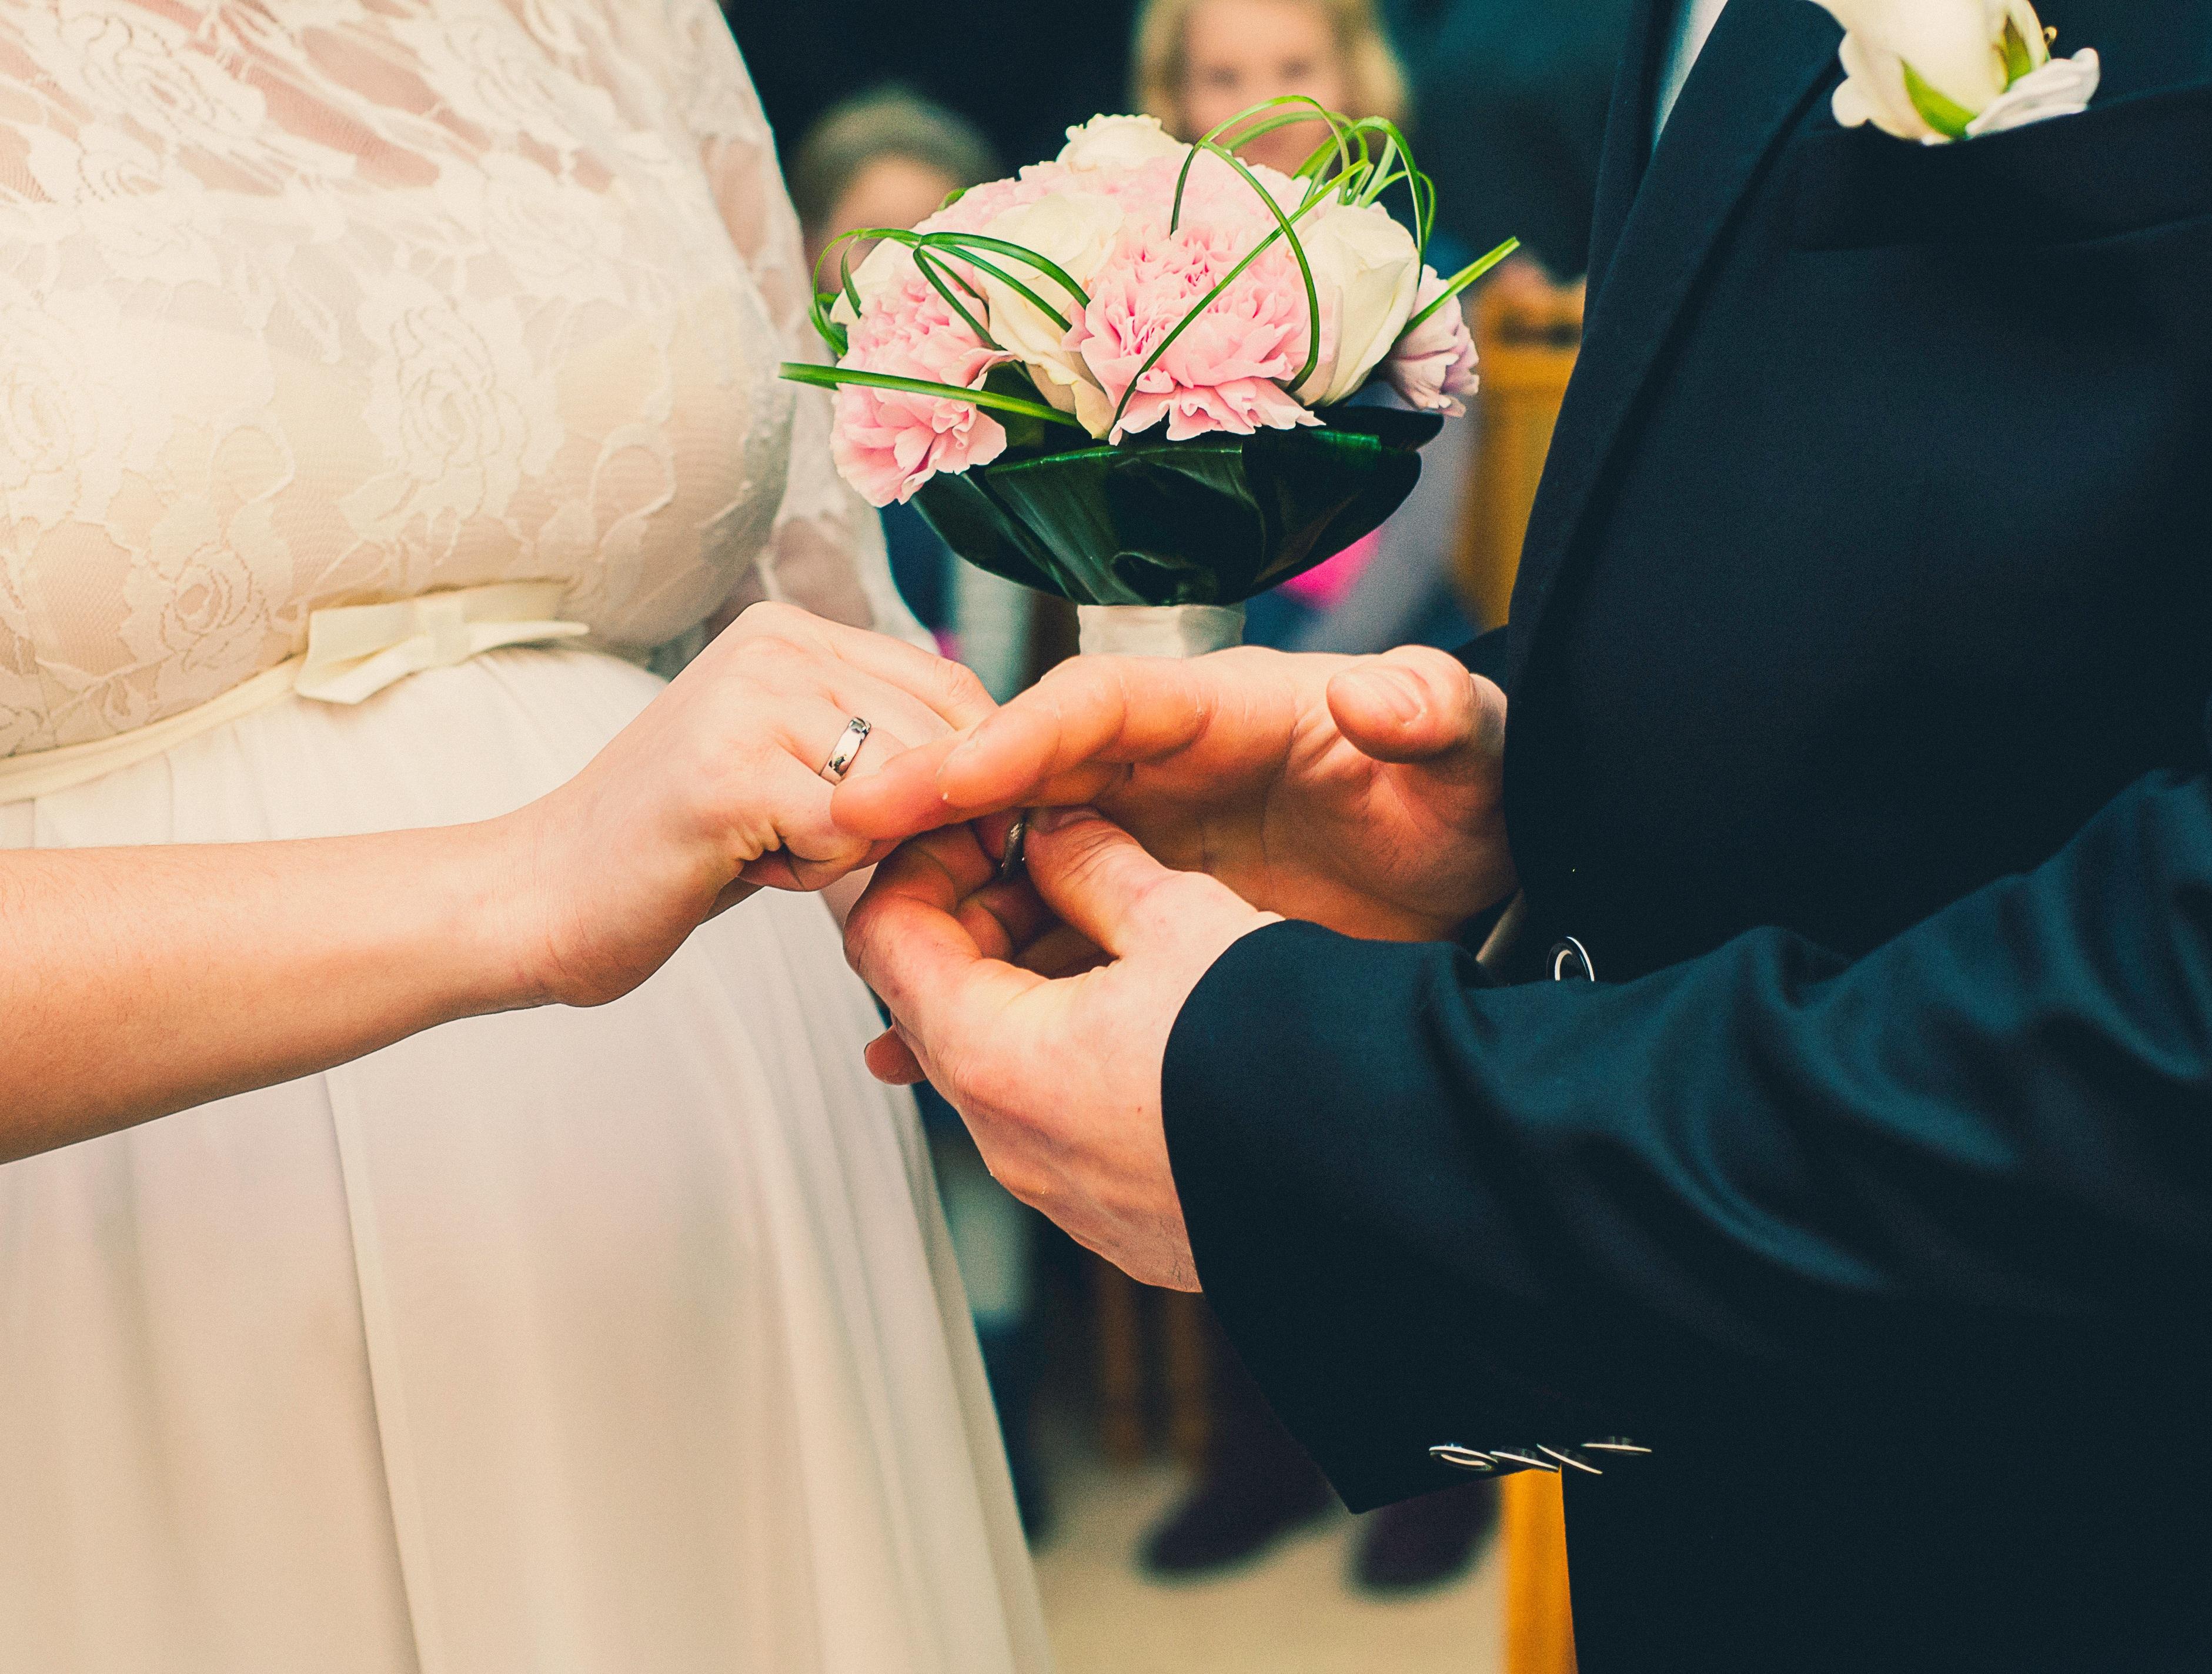 Kostenlose foto : Mann, Anzug, Frau, Blume, männlich, Liebe, Paar ...